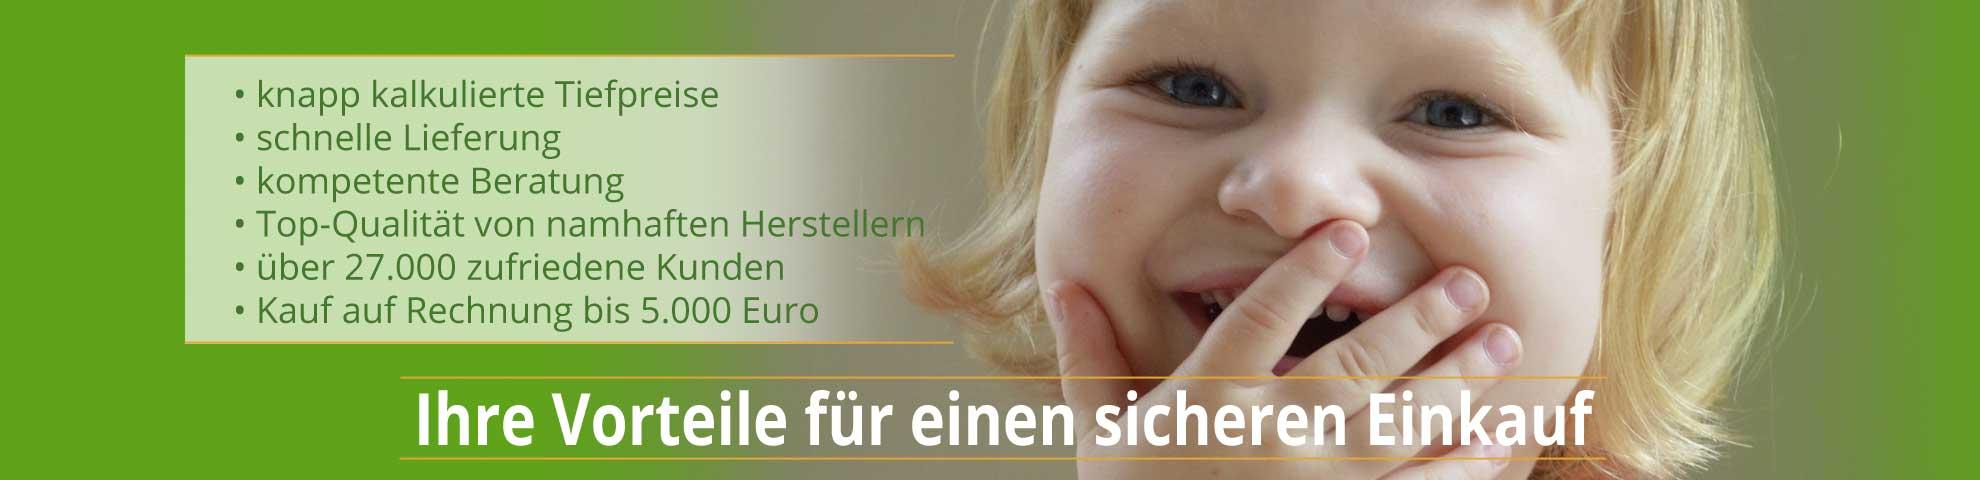 Sicherer Einkauf | Zaun-Shop.de